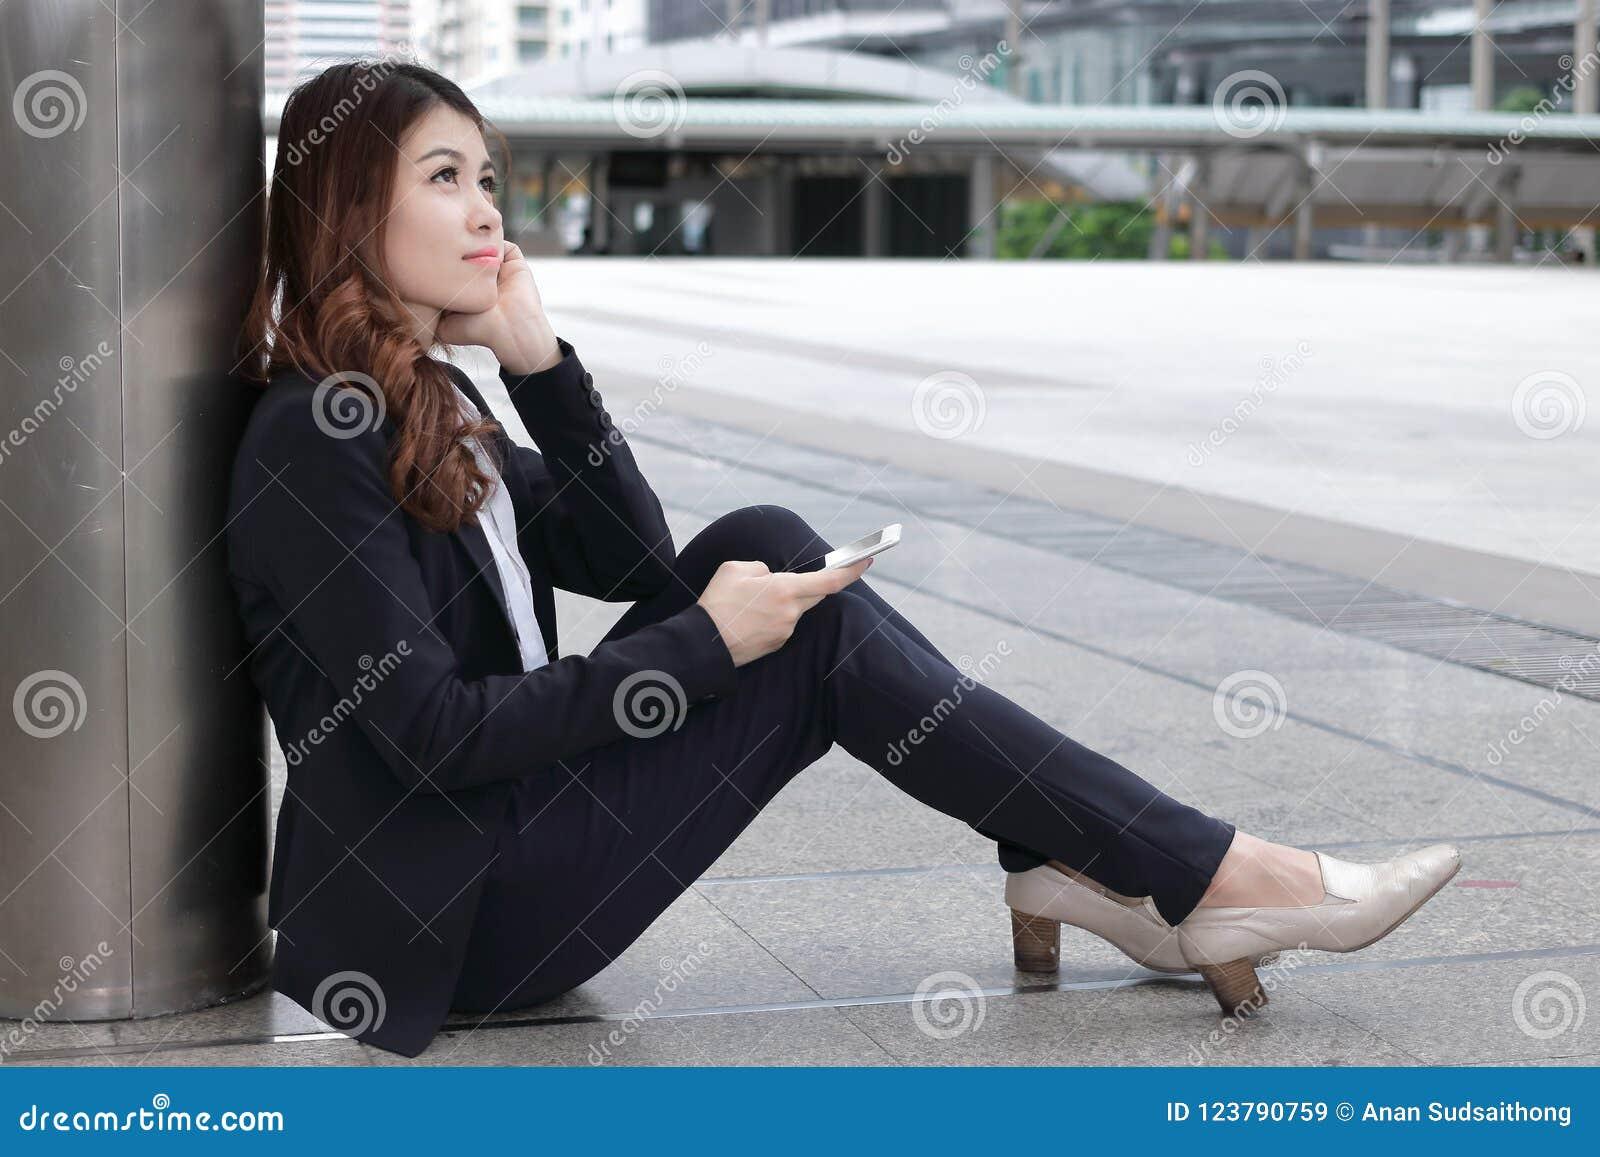 Hintere Ansicht der attraktiven jungen asiatischen Geschäftsfrau in der Abendtoilette, die auf Boden sitzt und an ihren Job in st